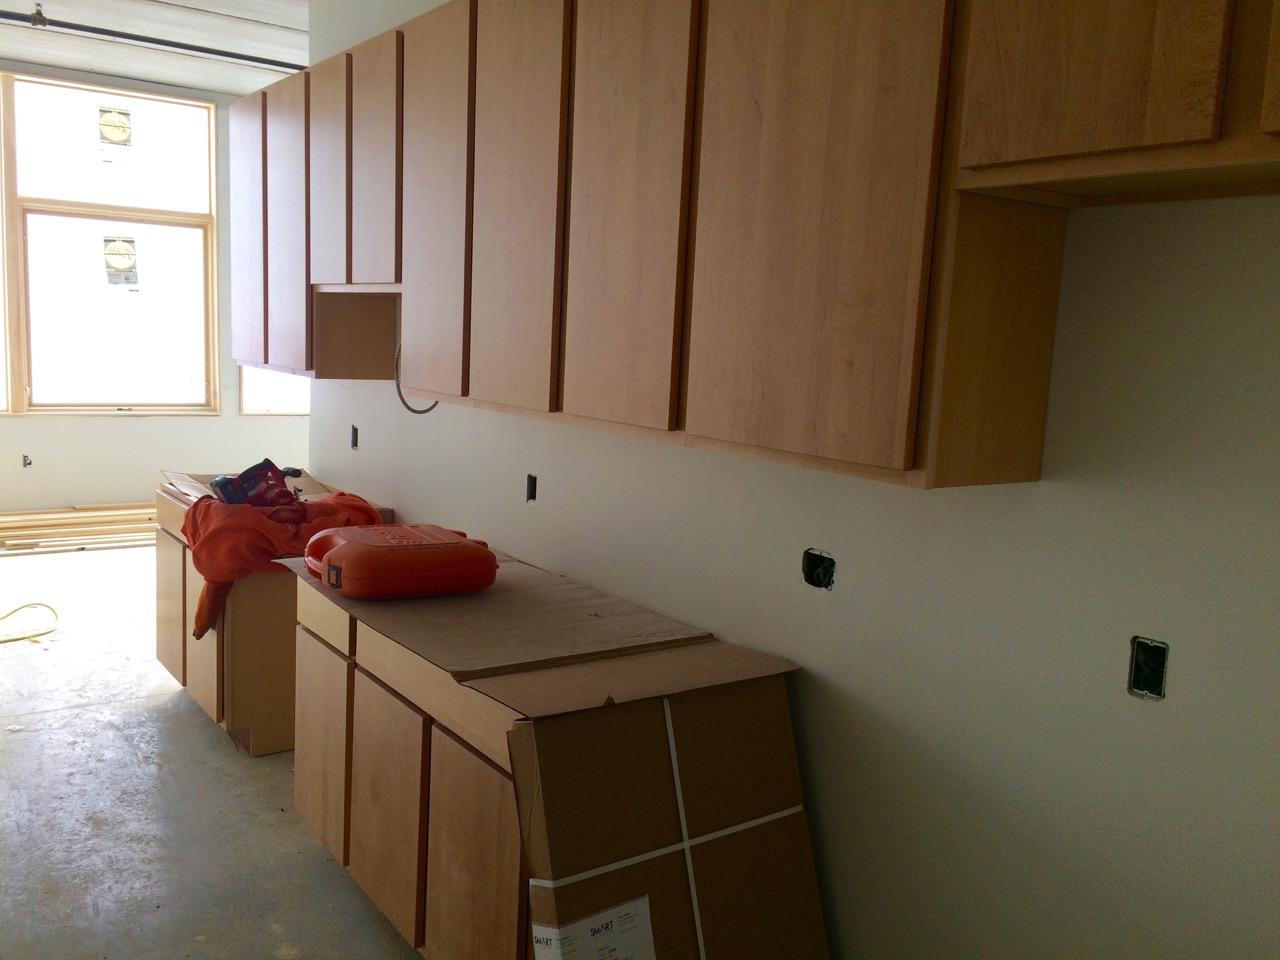 Lofts@SixMileCreek_Ithaca_031415 - 9